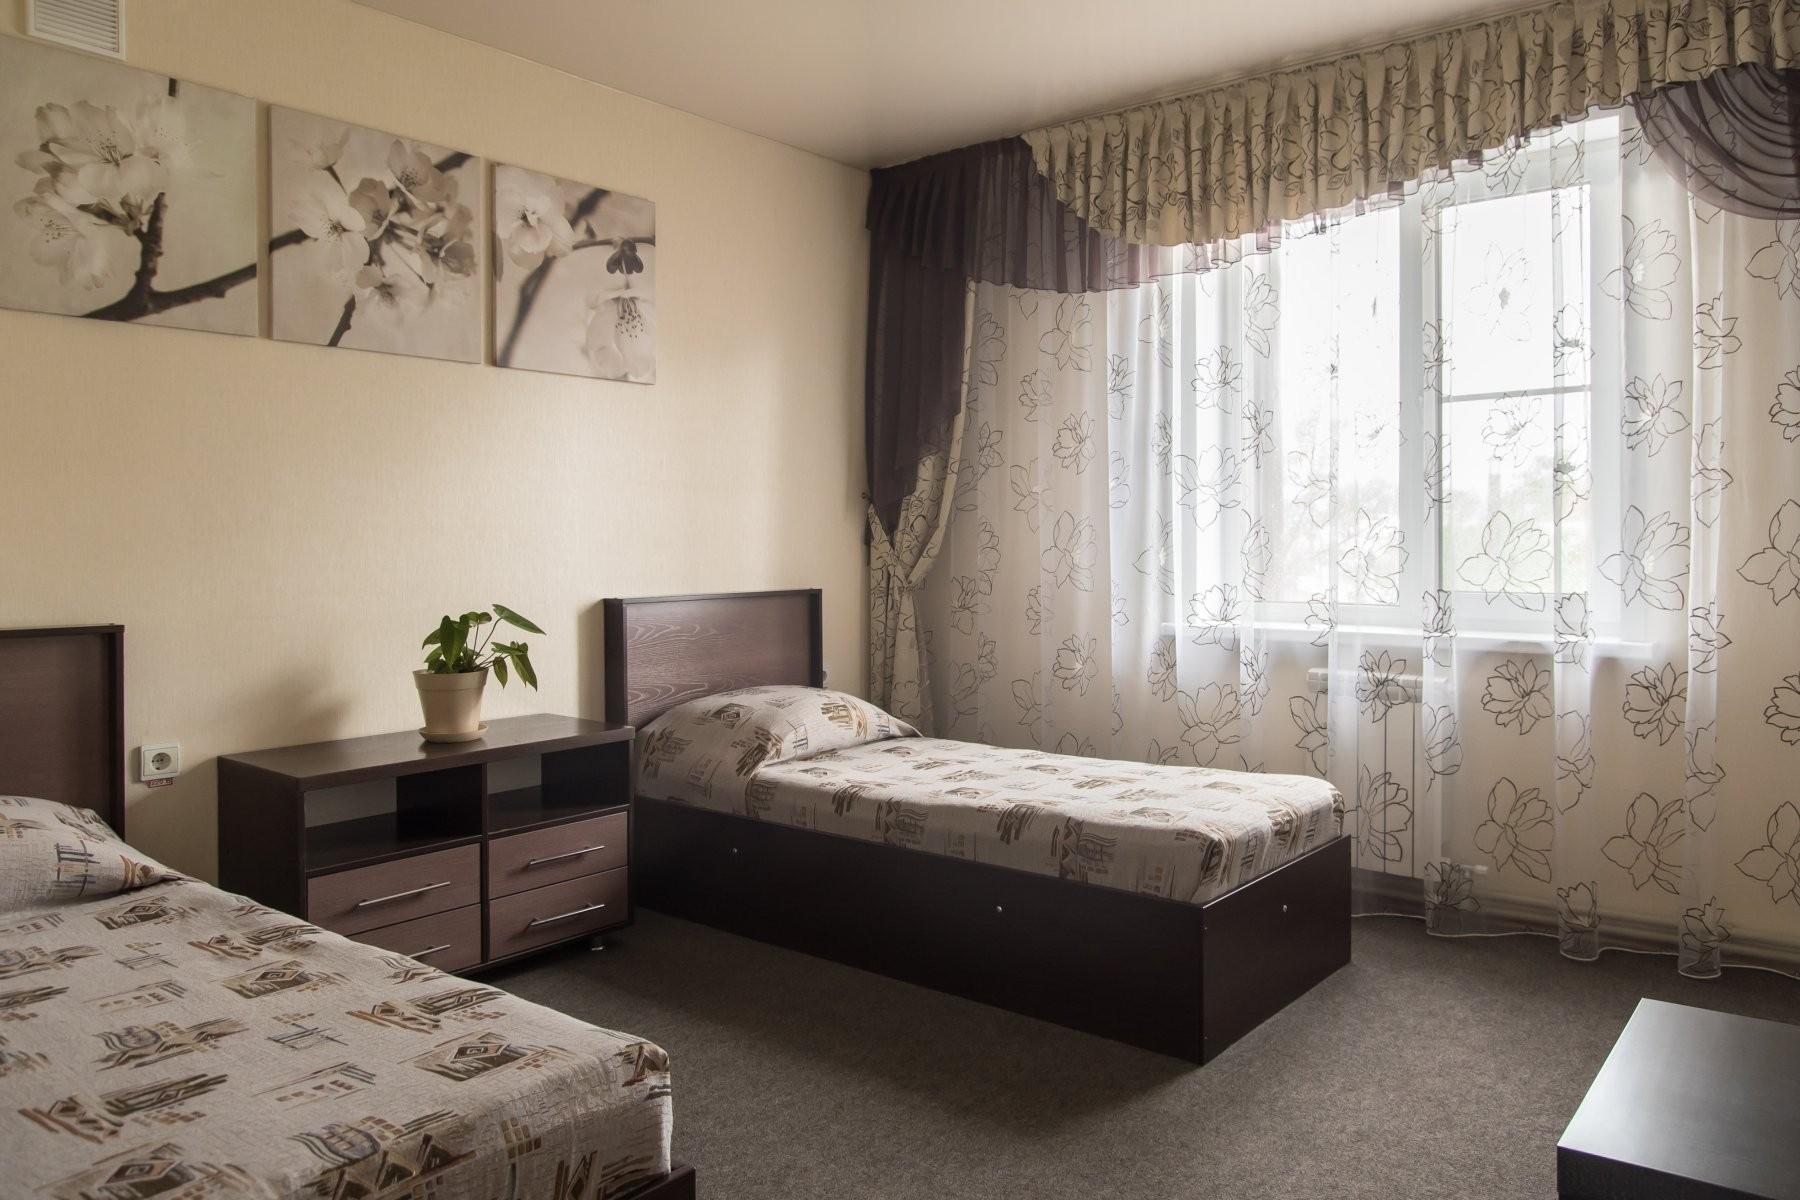 Шоколад, гостиничный комплекс - №66